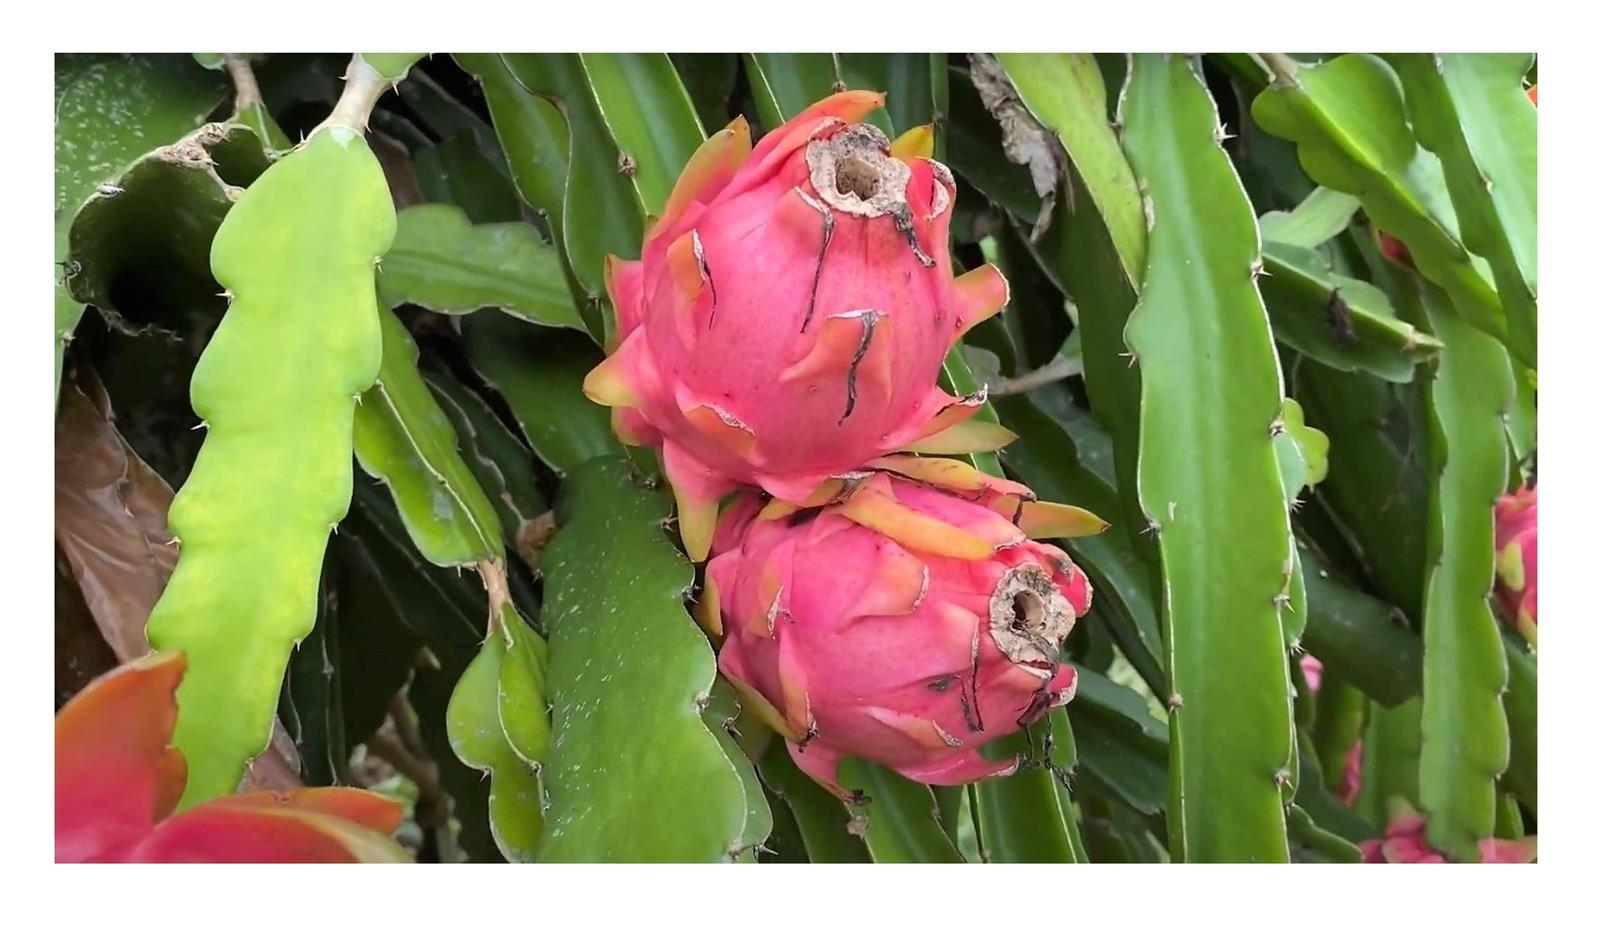 Pitahaya-Frucht wird verwendet, um Gewicht zu verlieren